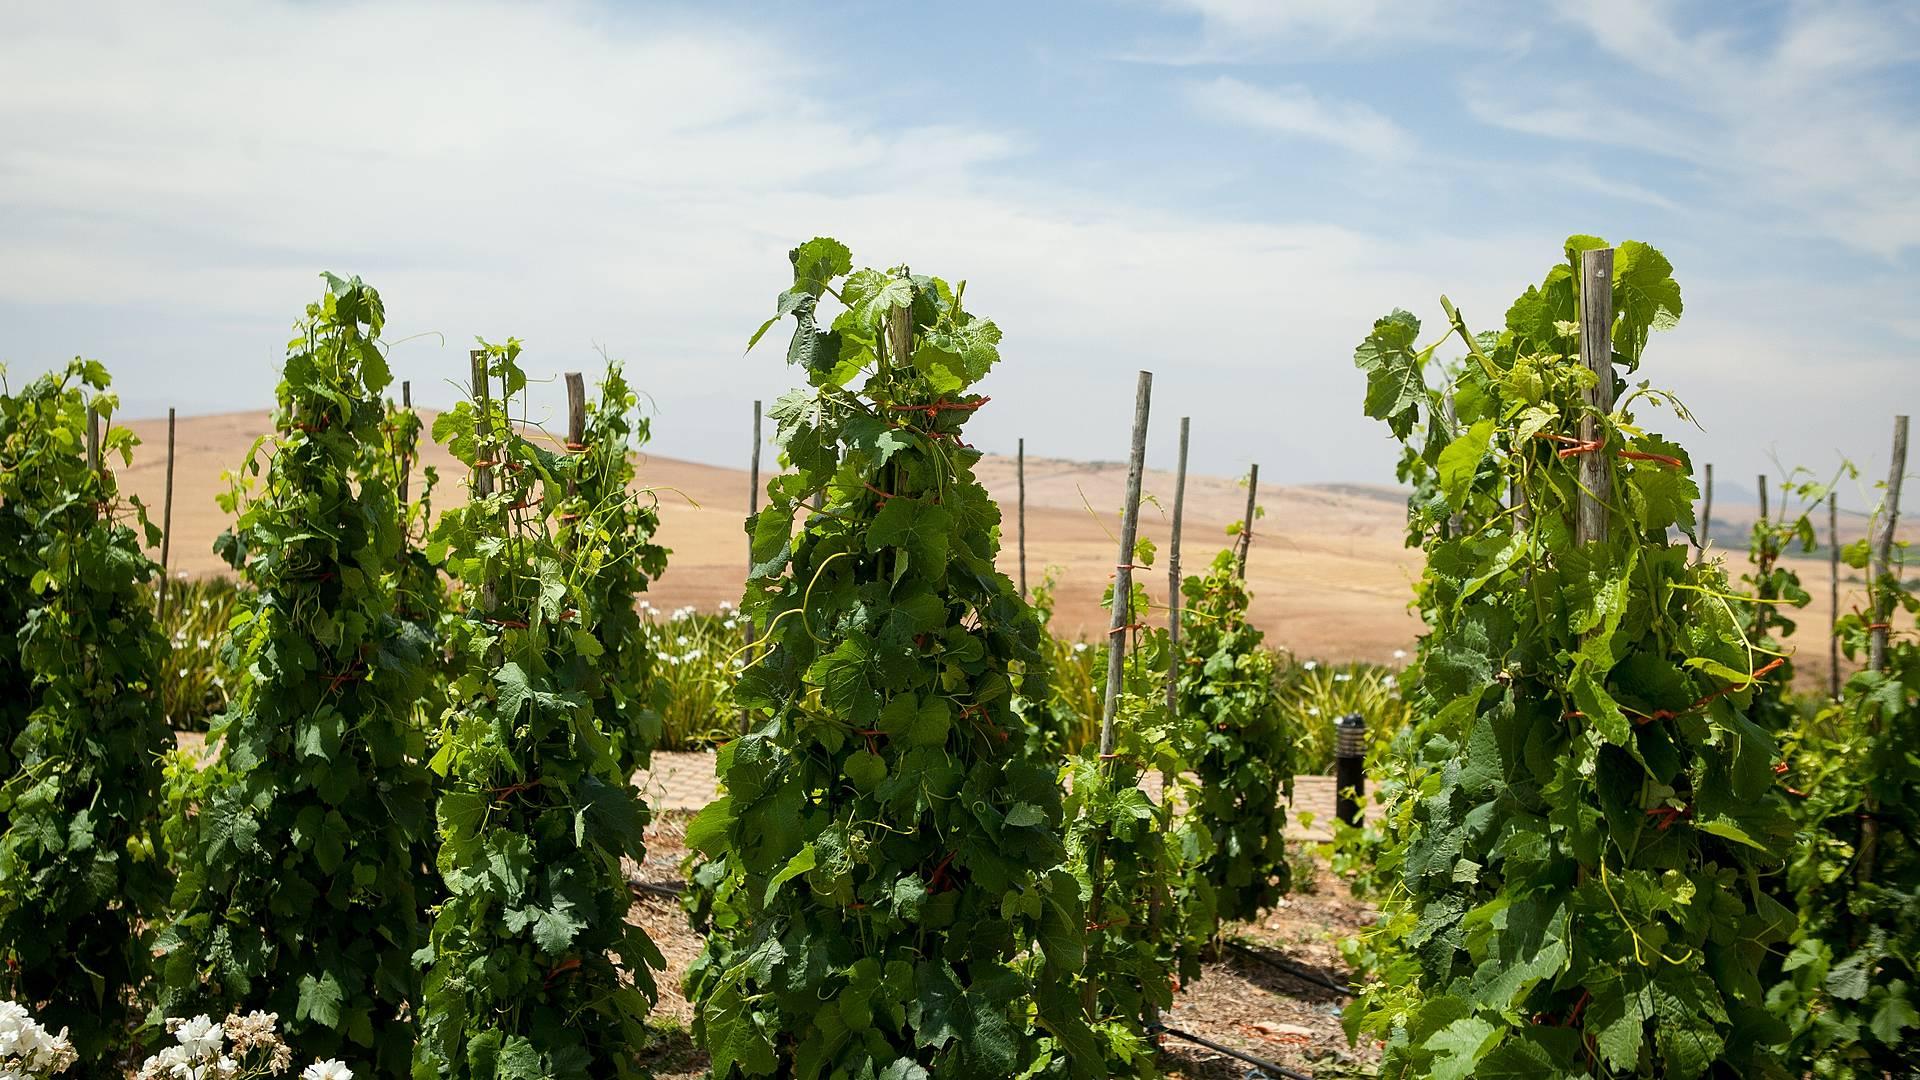 Zauber der Winelands - exklusive Weintour für Liebhaber und Neugierige